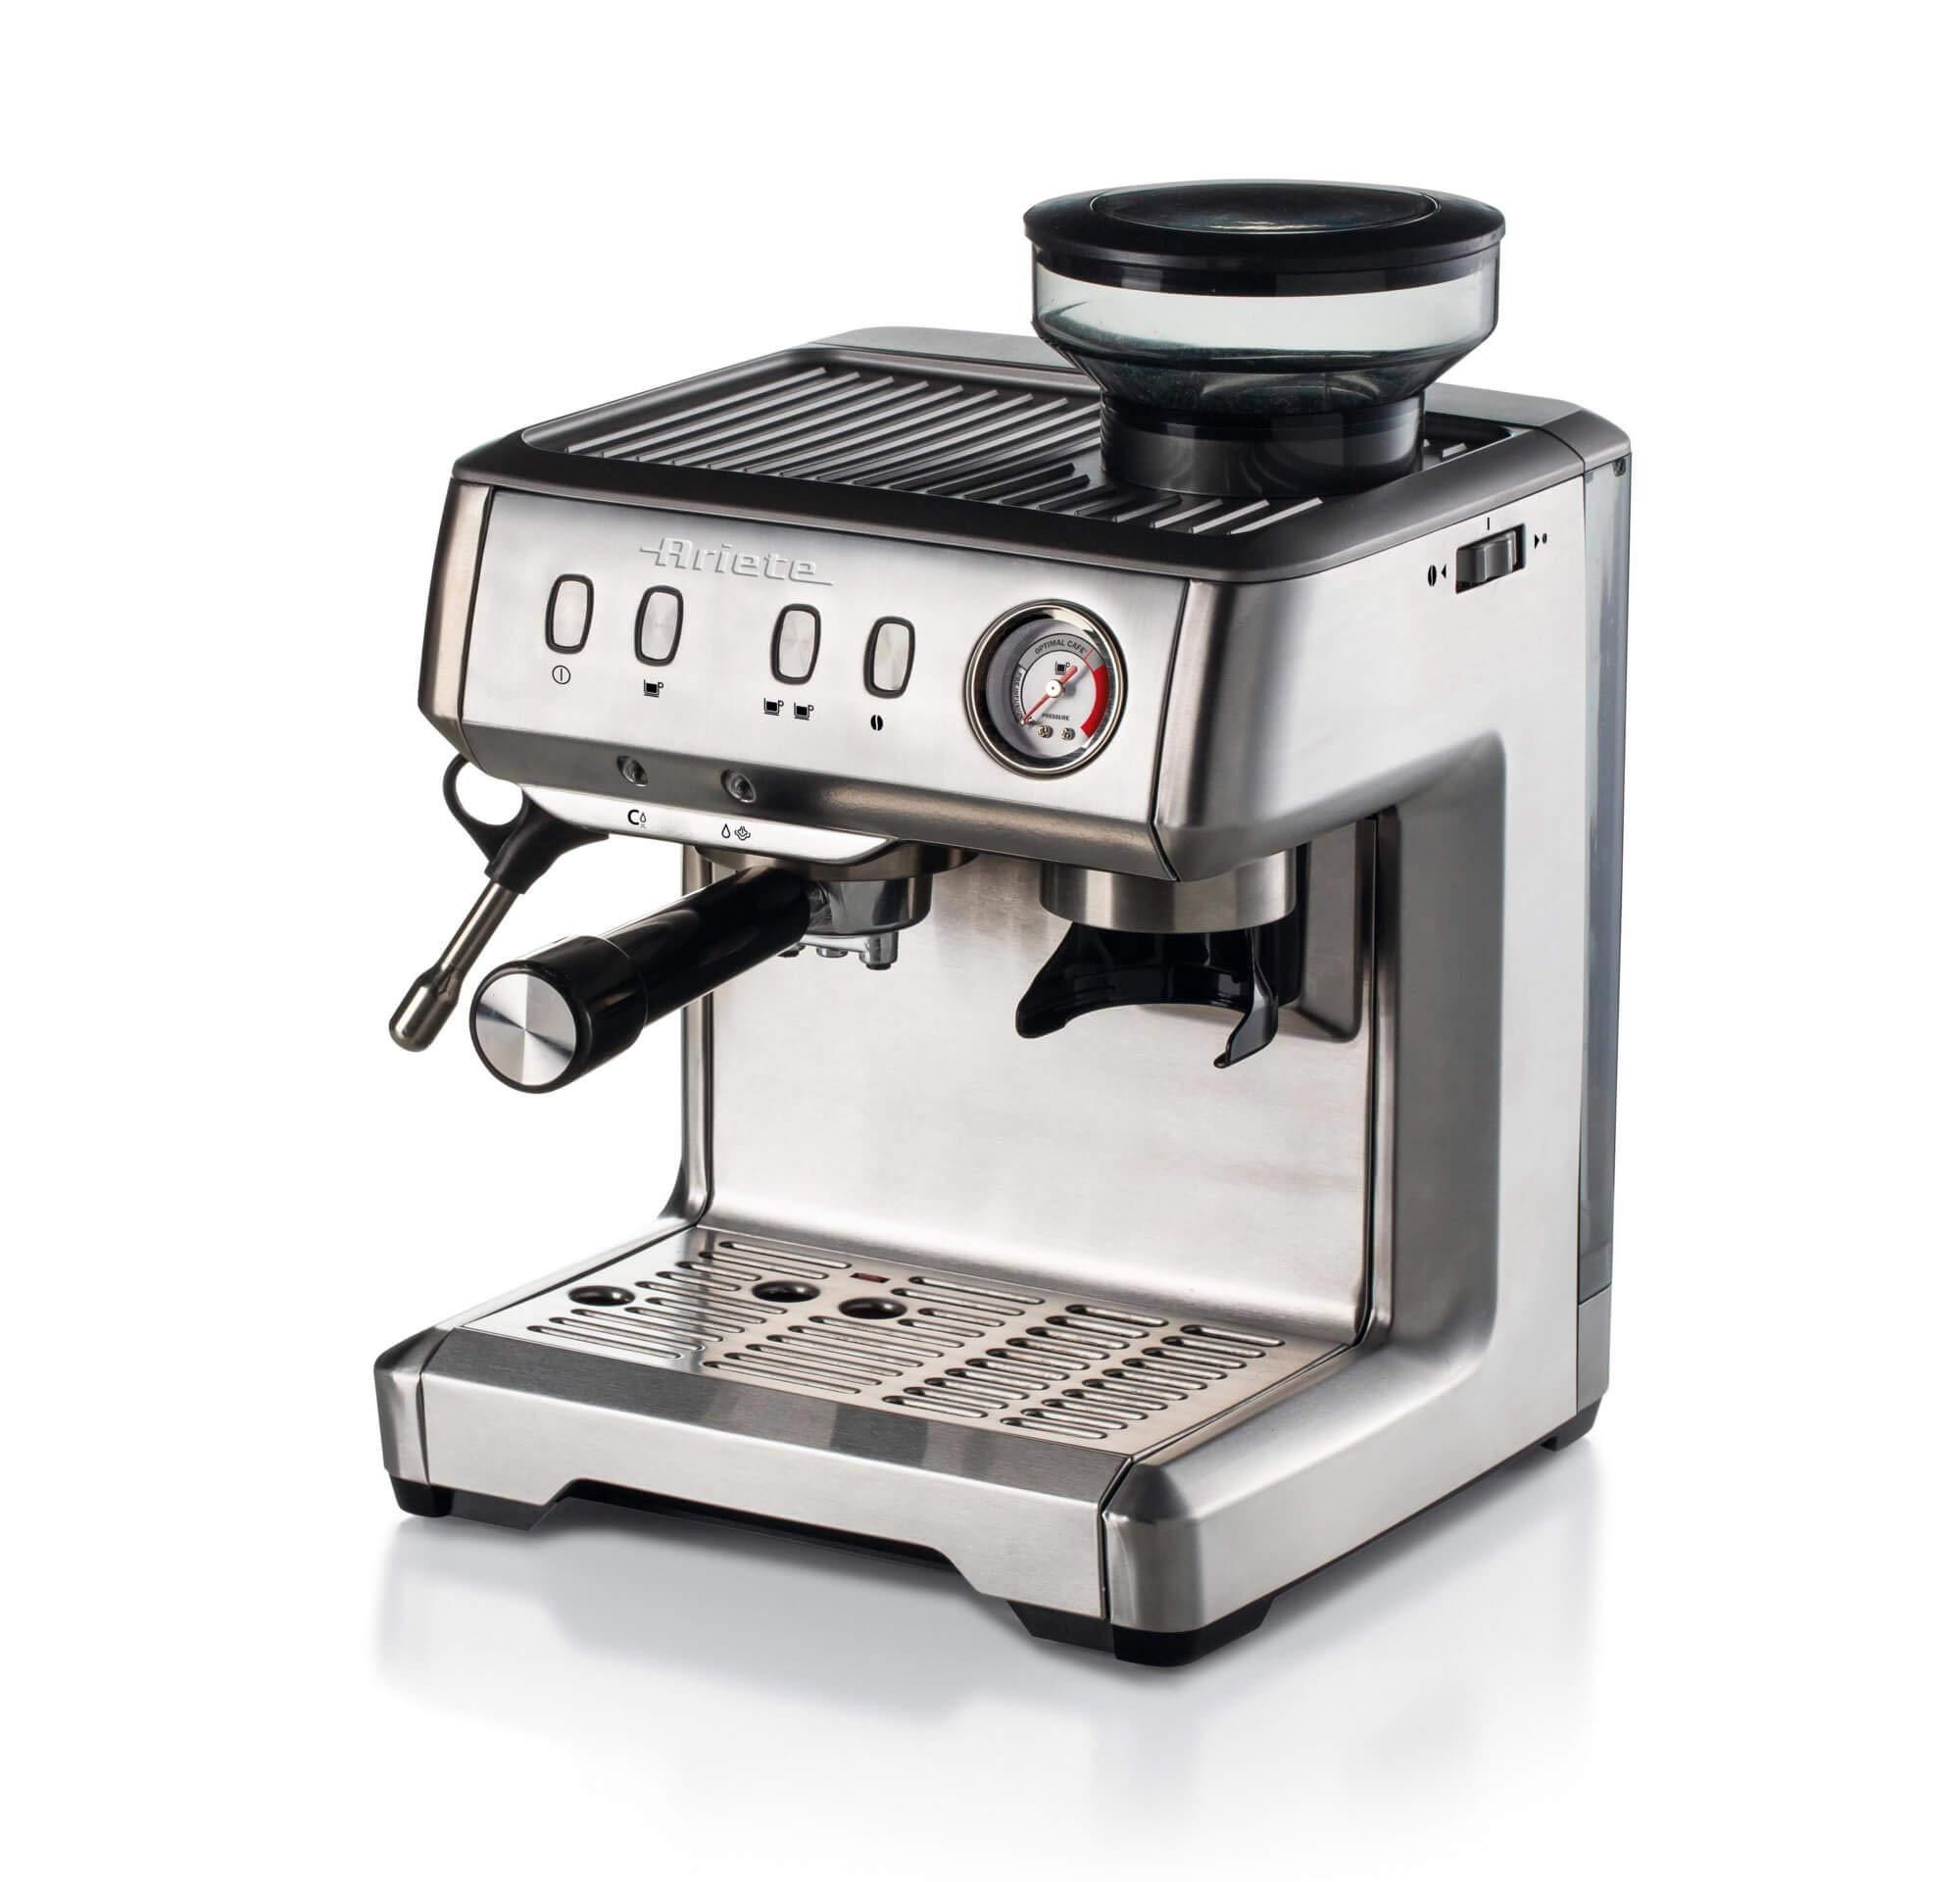 Ariete 1313 Cafetera Espresso de Metal Monodosis, 1600W, 15 Bars, 2 Litros,Café En Polvo Y Ese Pods, Cappuccino, Molinillo Integrado, Cuerpo Acero Inoxidable: Amazon.es: Hogar